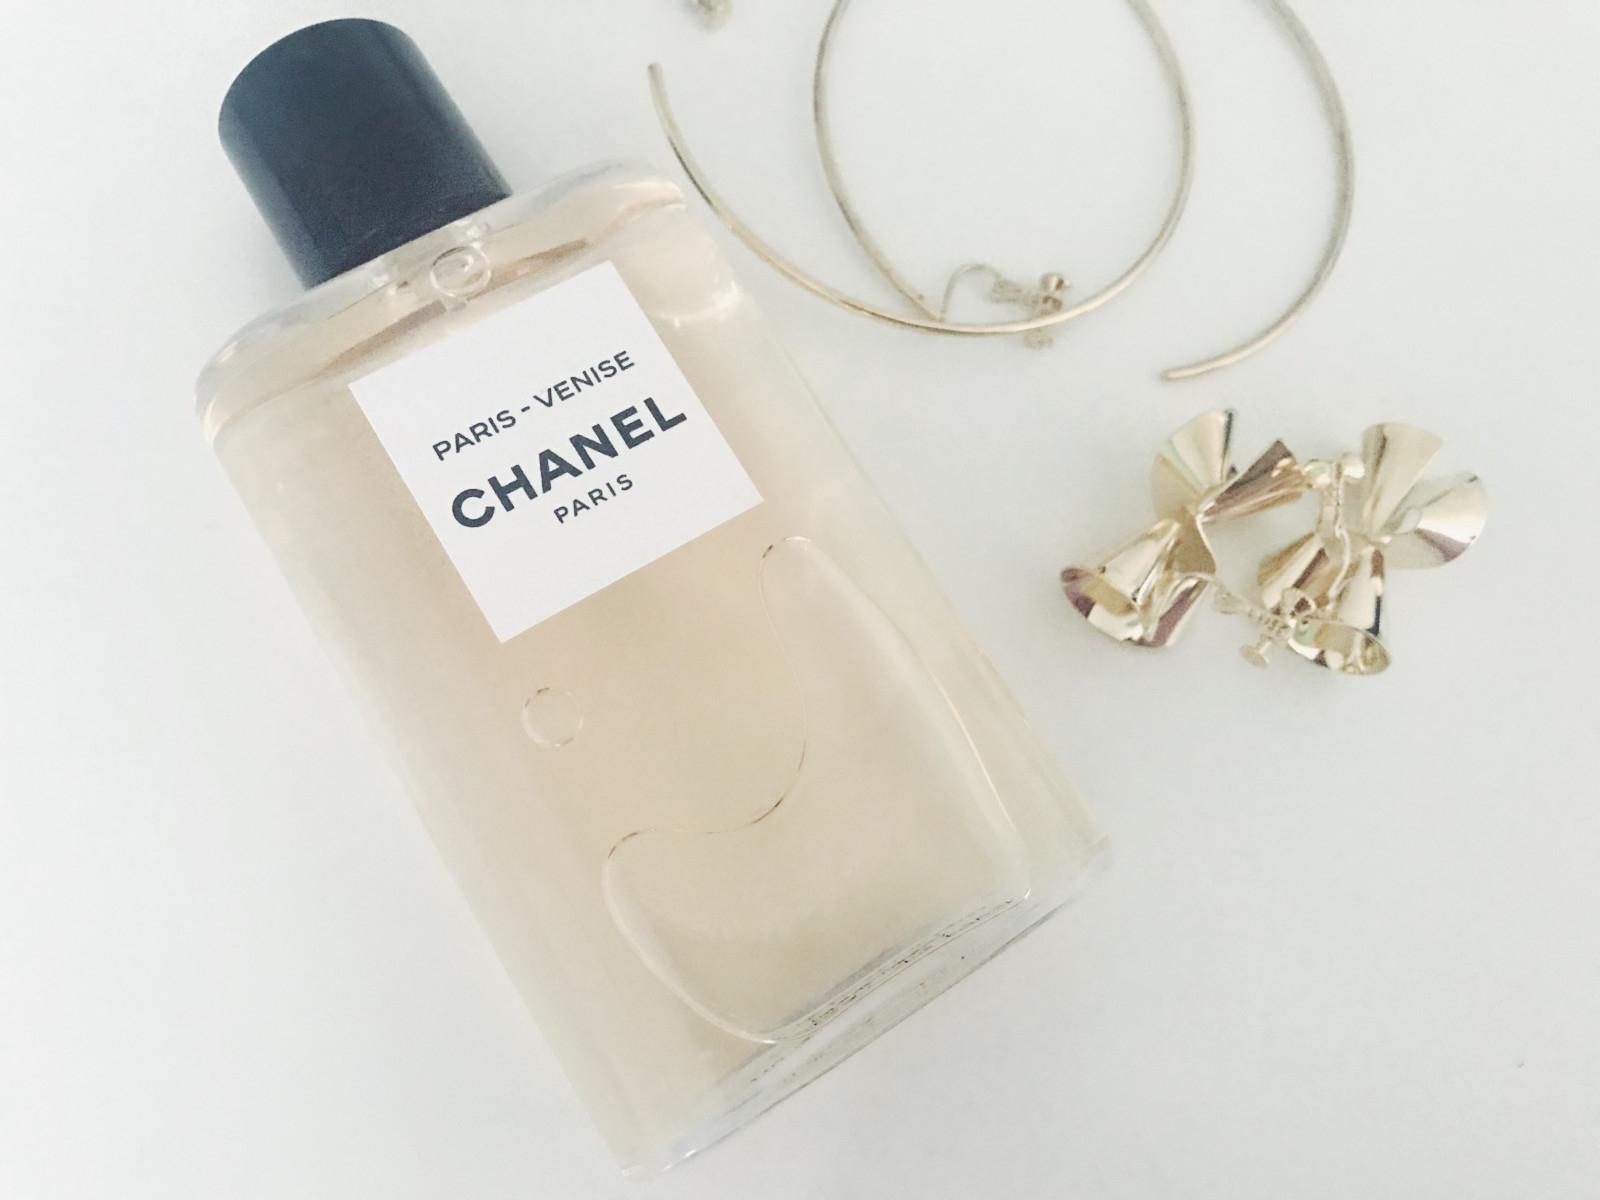 2018年夏新作香水 シャネル レ ゾー ドゥ シャネル パリ ヴェニス で